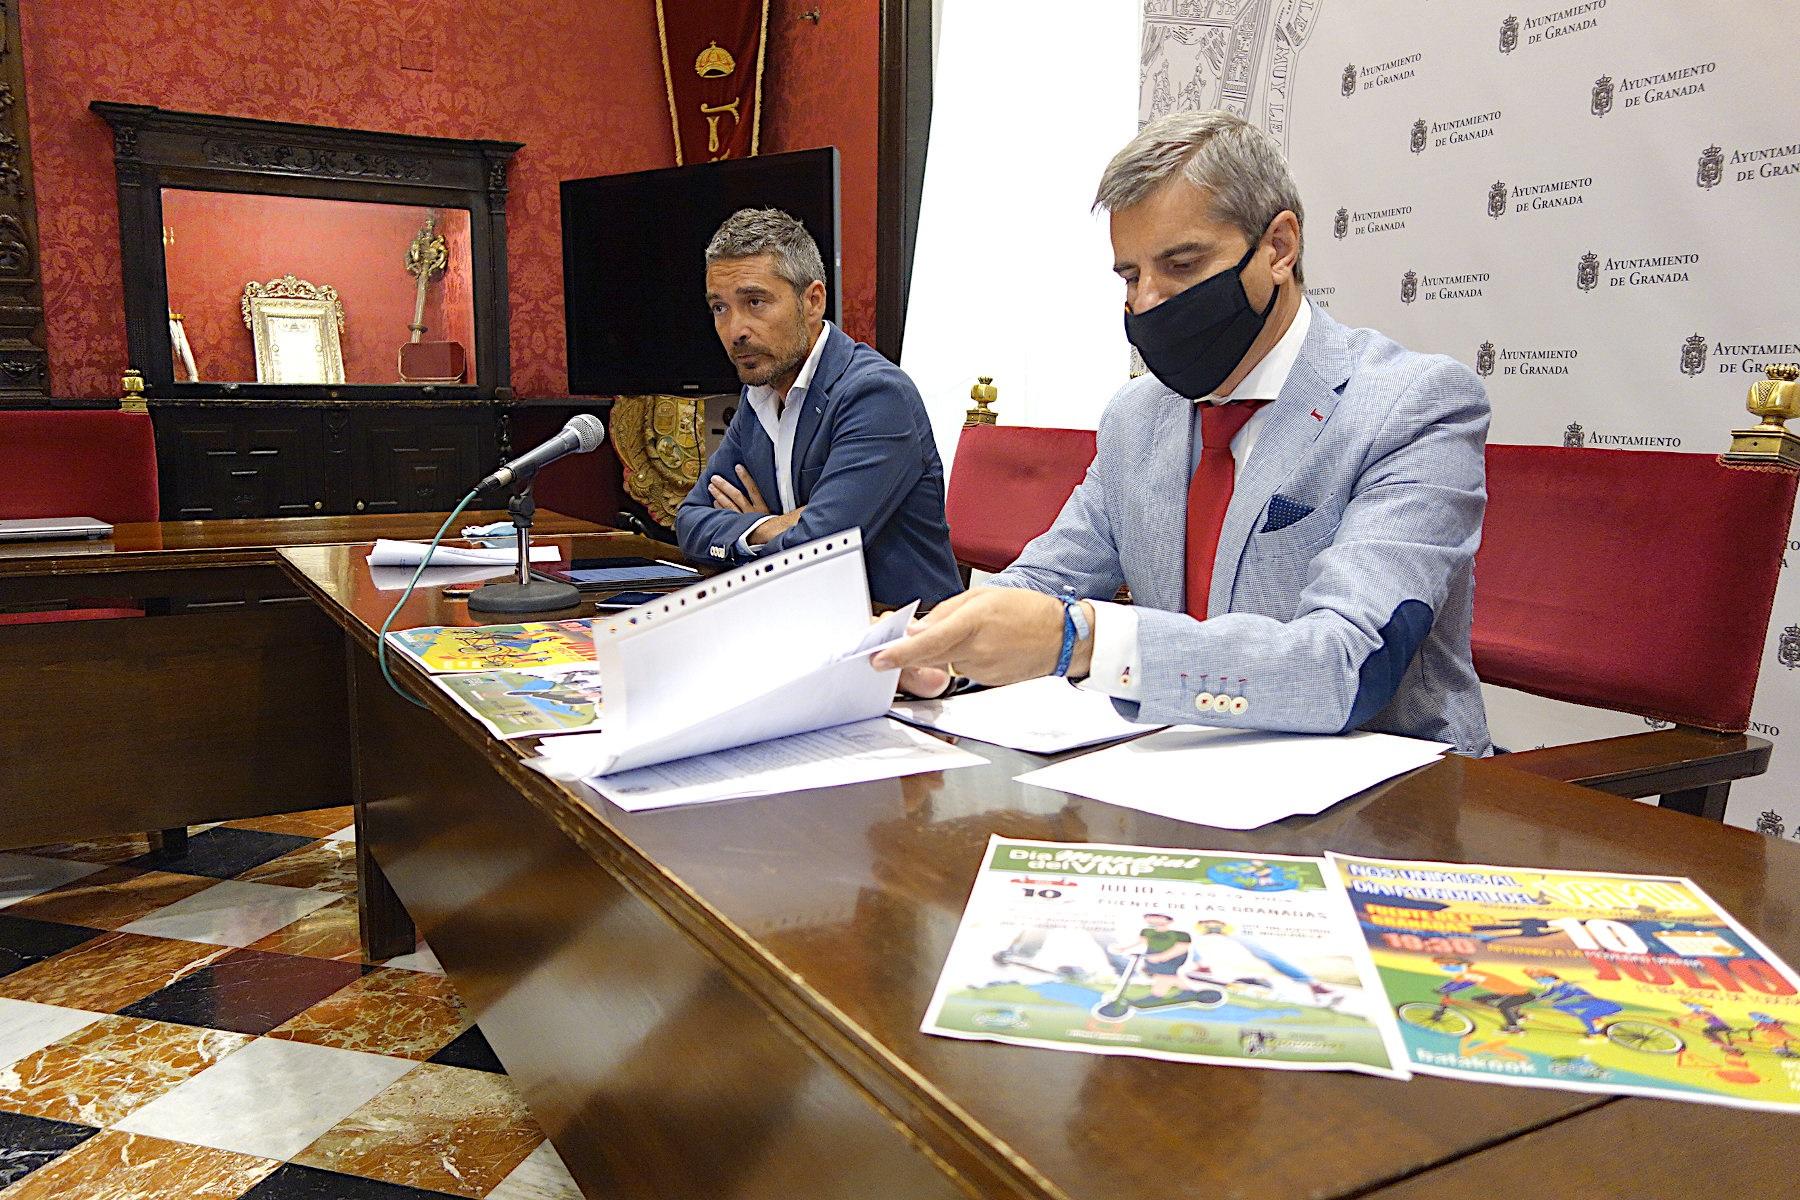 ©Ayto.Granada: El Ayuntamiento activa el Plan de Incendios Forestales para el verano con 17 bomberos especializados